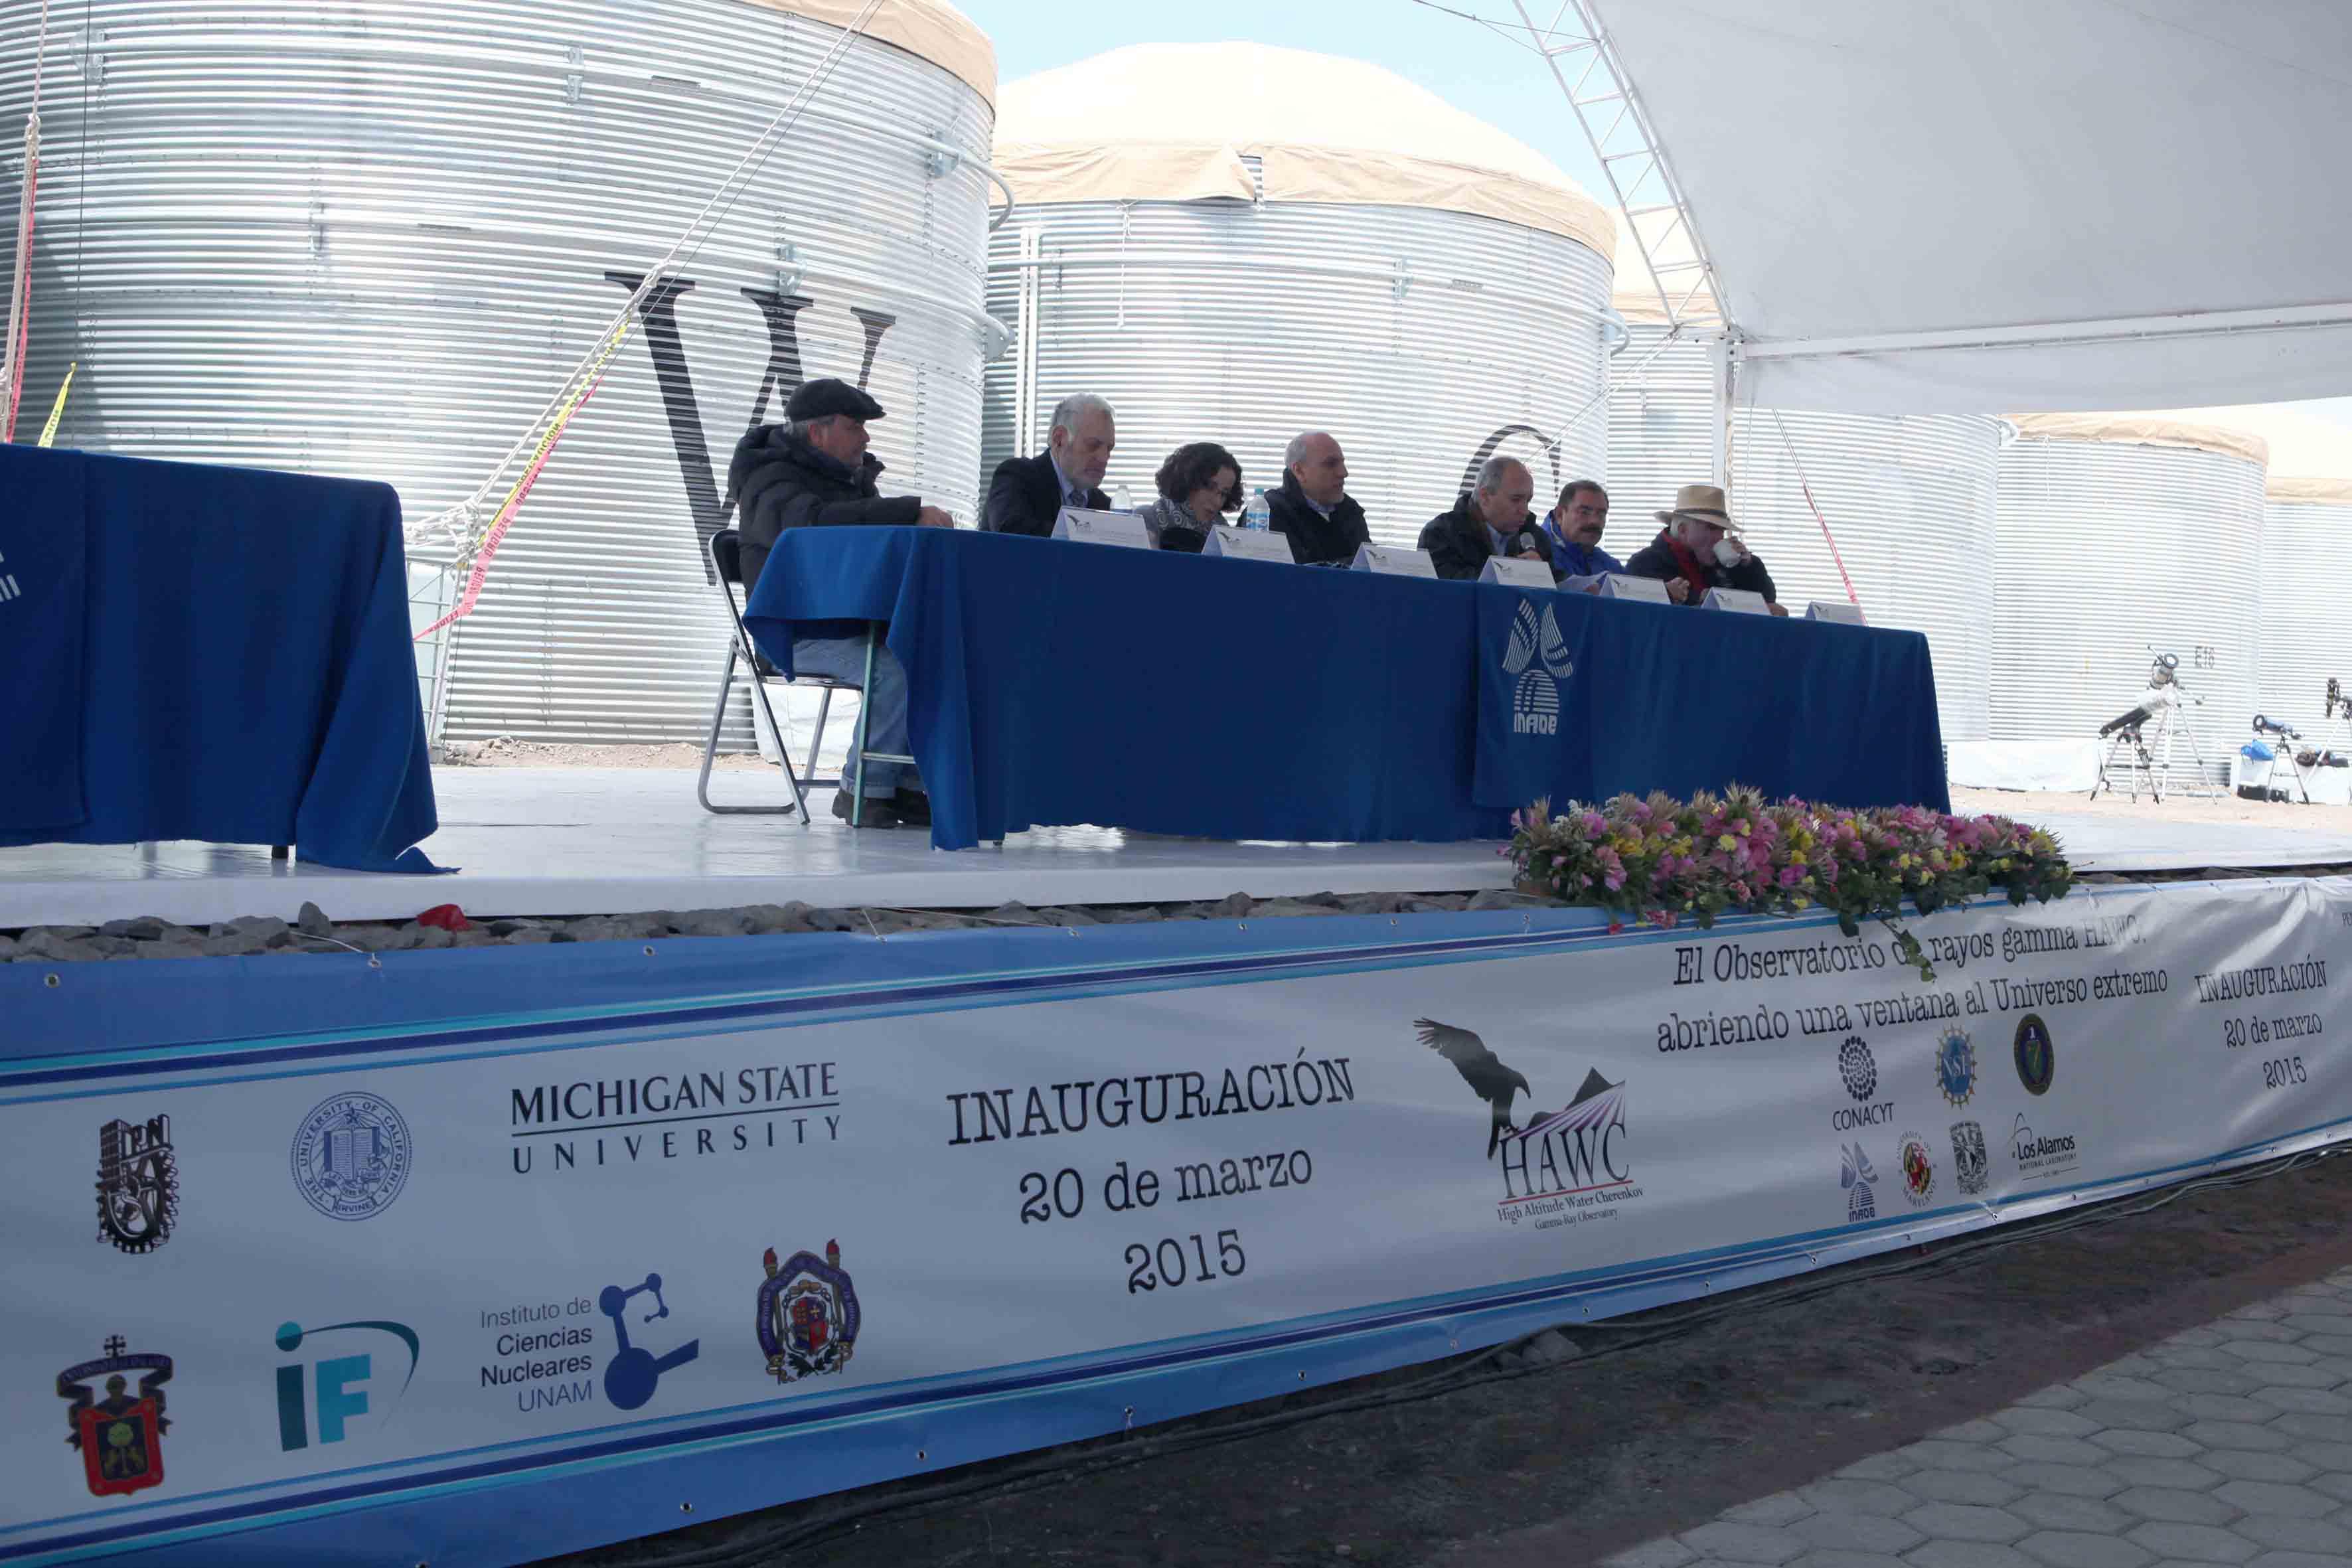 Miembros del presidium de la inaguración del observatorio de rayos gamas